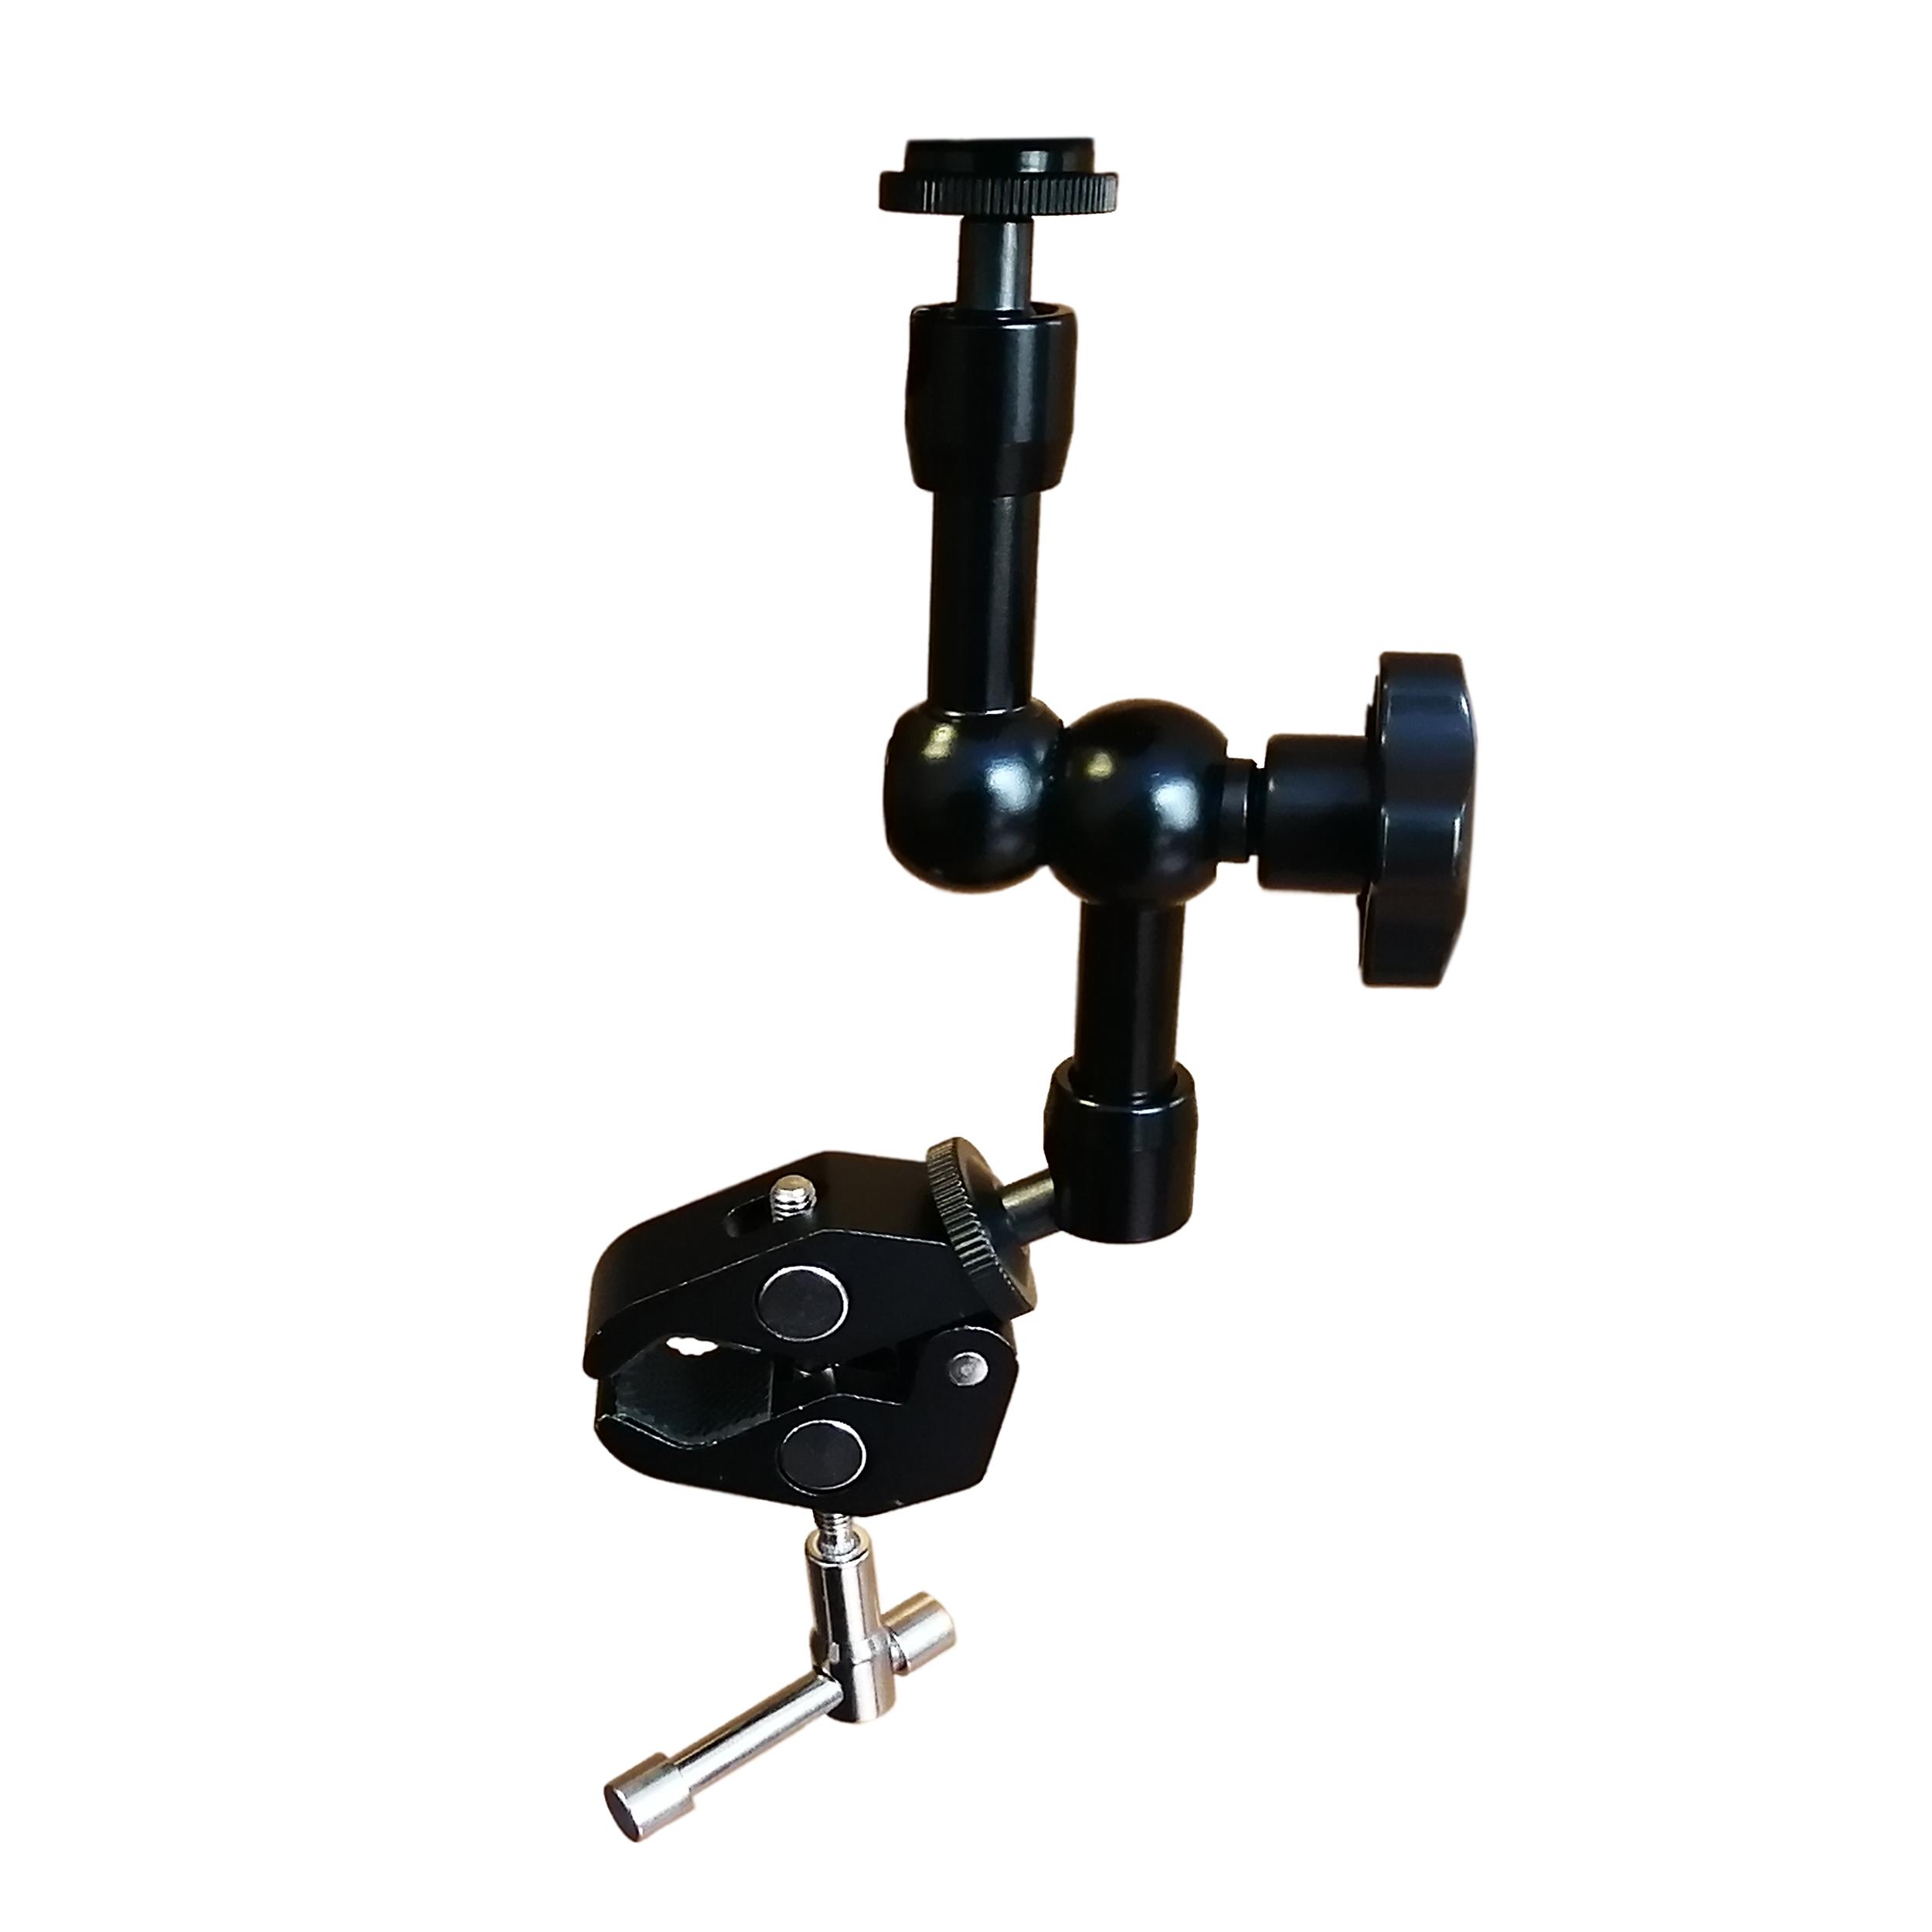 بررسی و {خرید با تخفیف} پایه دوربین مدل h2-230 اصل